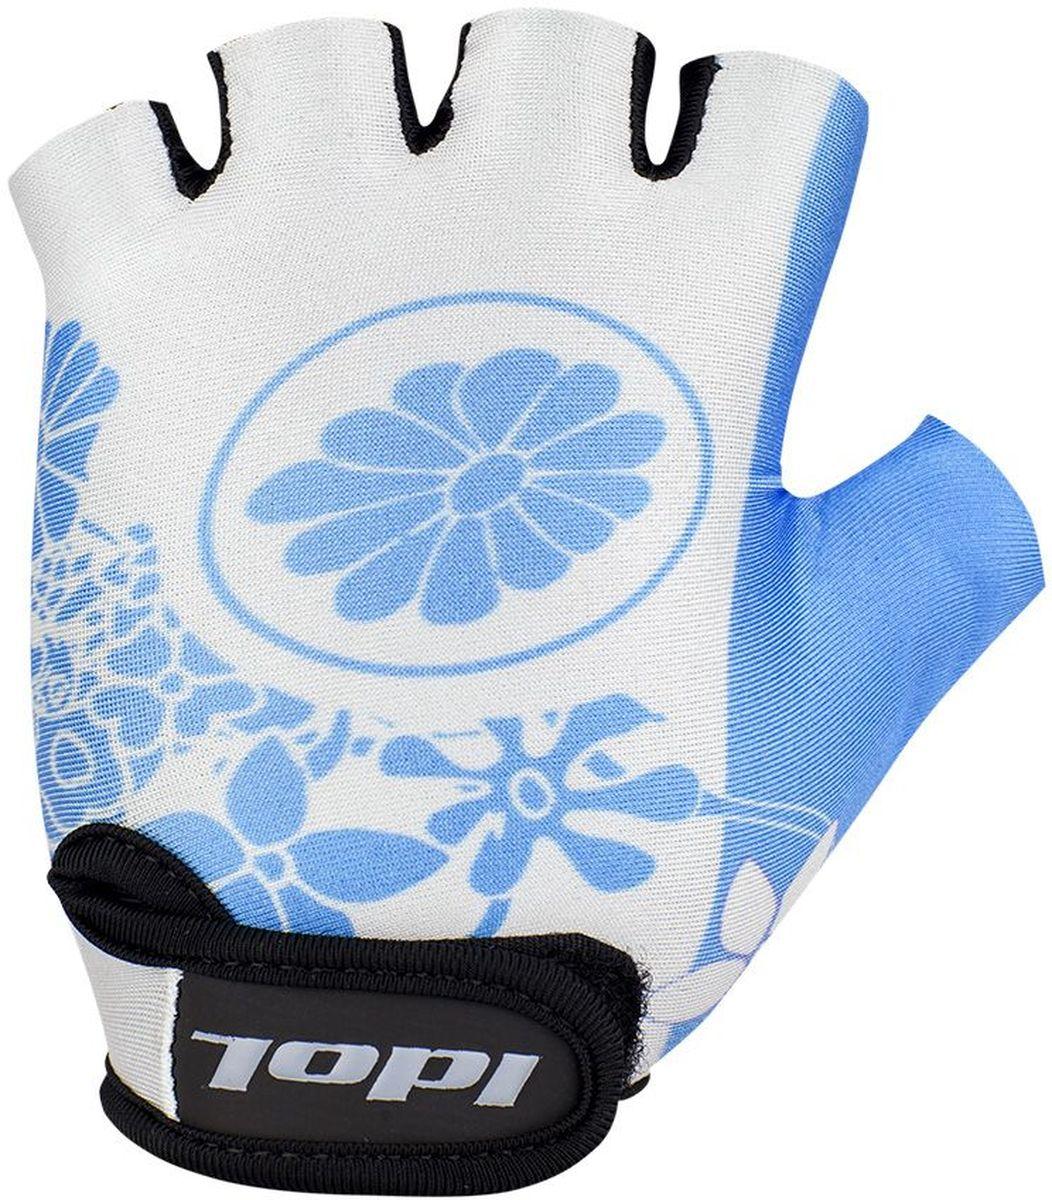 Перчатки велосипедные для девочки Idol Flossi. Размер 8-13 лет